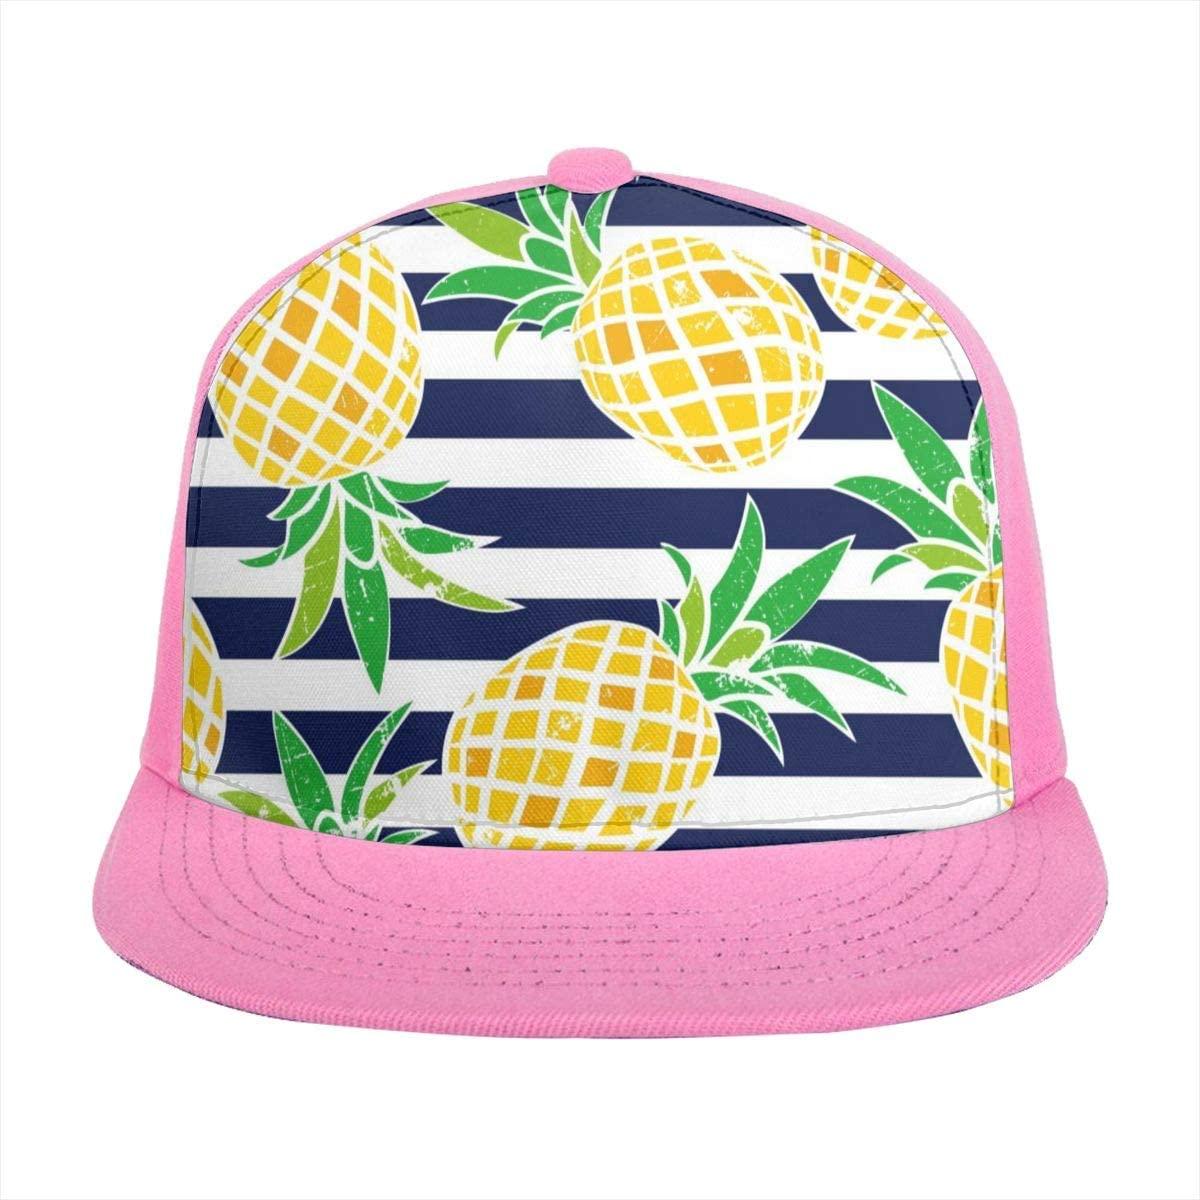 Flat Brim Hat Cartoon Fruit Yellow Pineapple Black and White Stripes Baseball Cap Sun Visor Hat for Women Men Teen Boys Girls